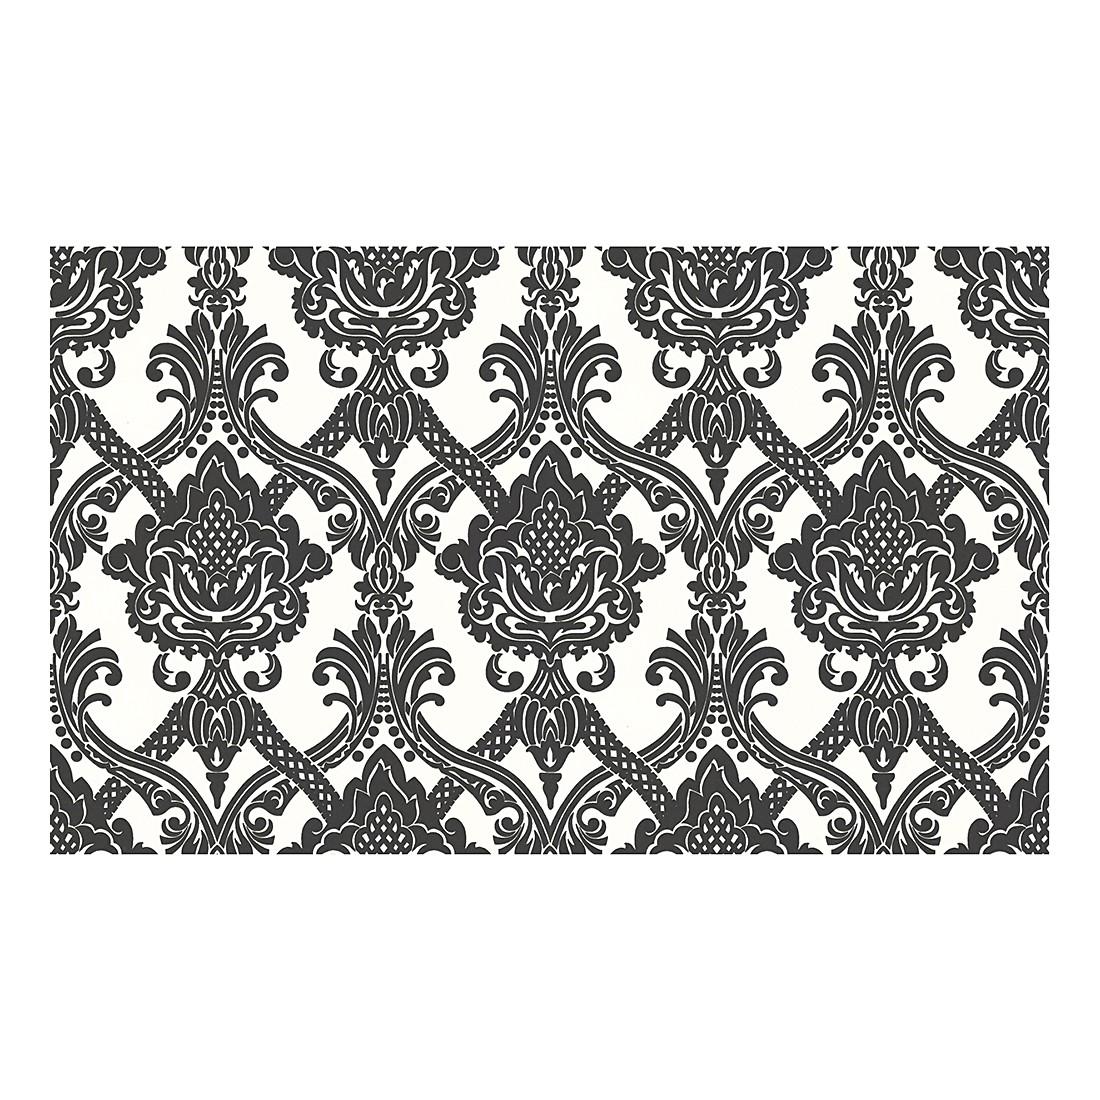 vliestapete modern baroque schwarz wei strukturiert. Black Bedroom Furniture Sets. Home Design Ideas